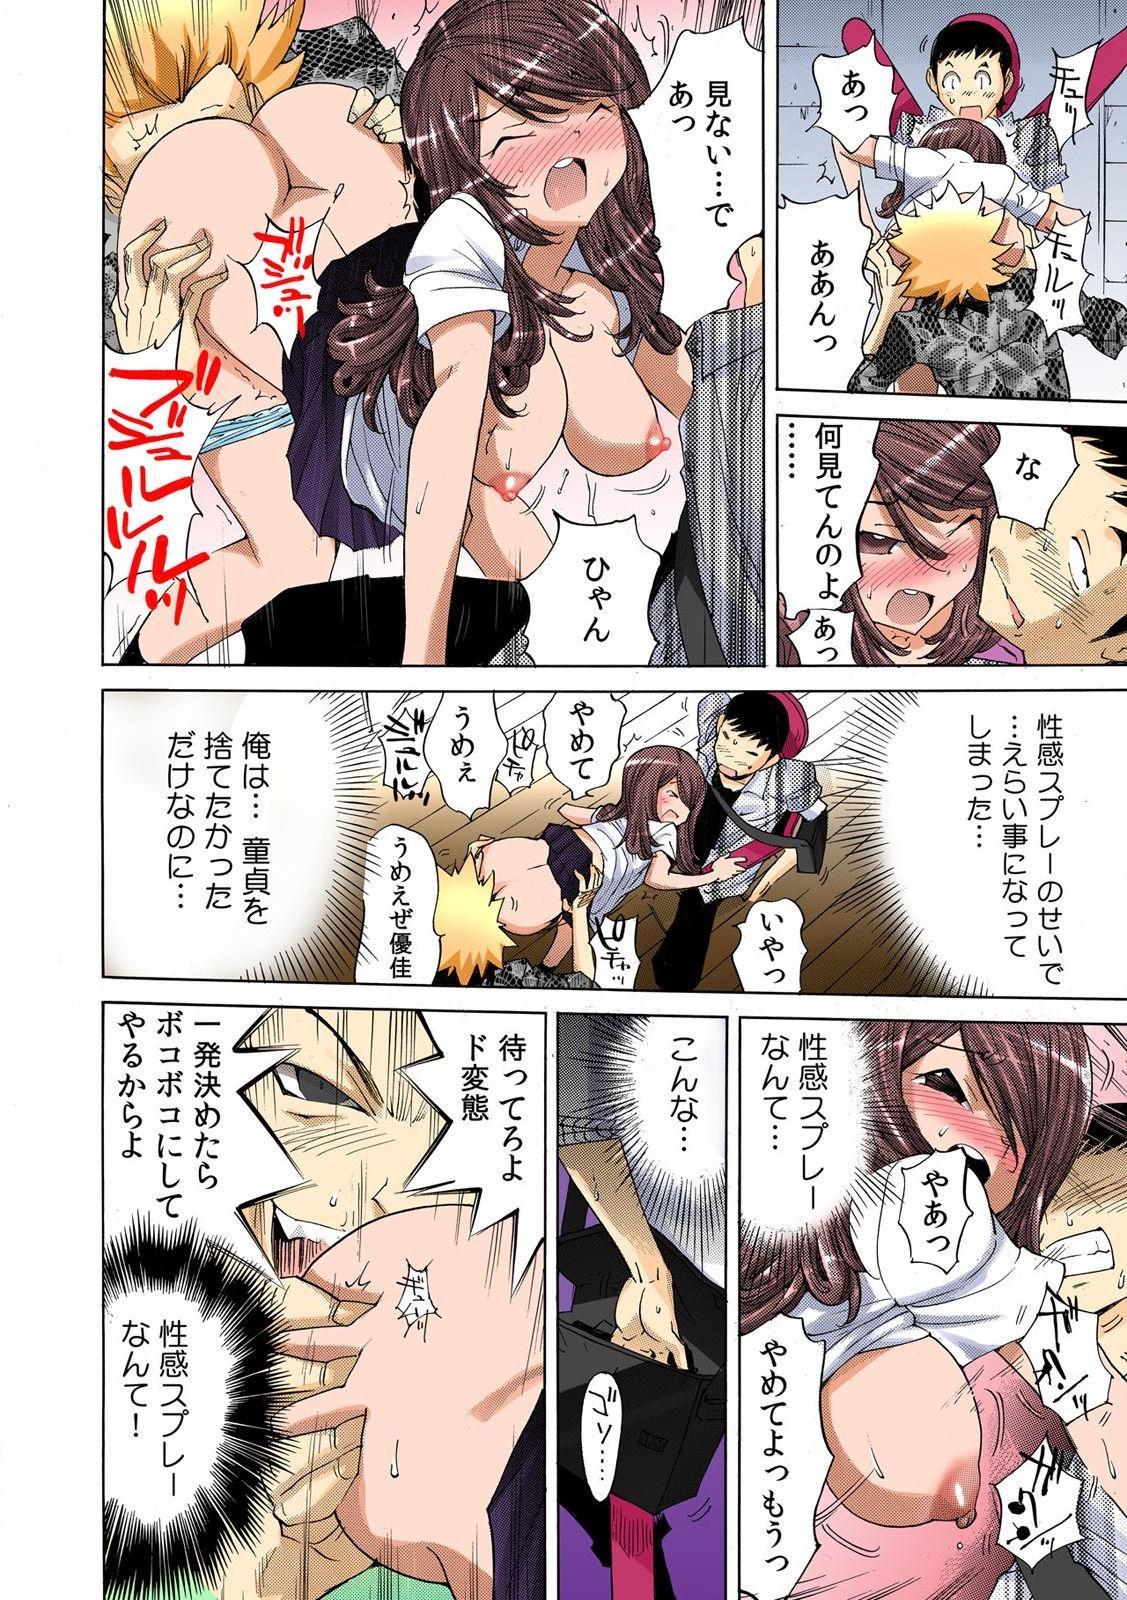 即イキ!! 性感スプレー~むずむずコカン噴射~【フルカラー】 29